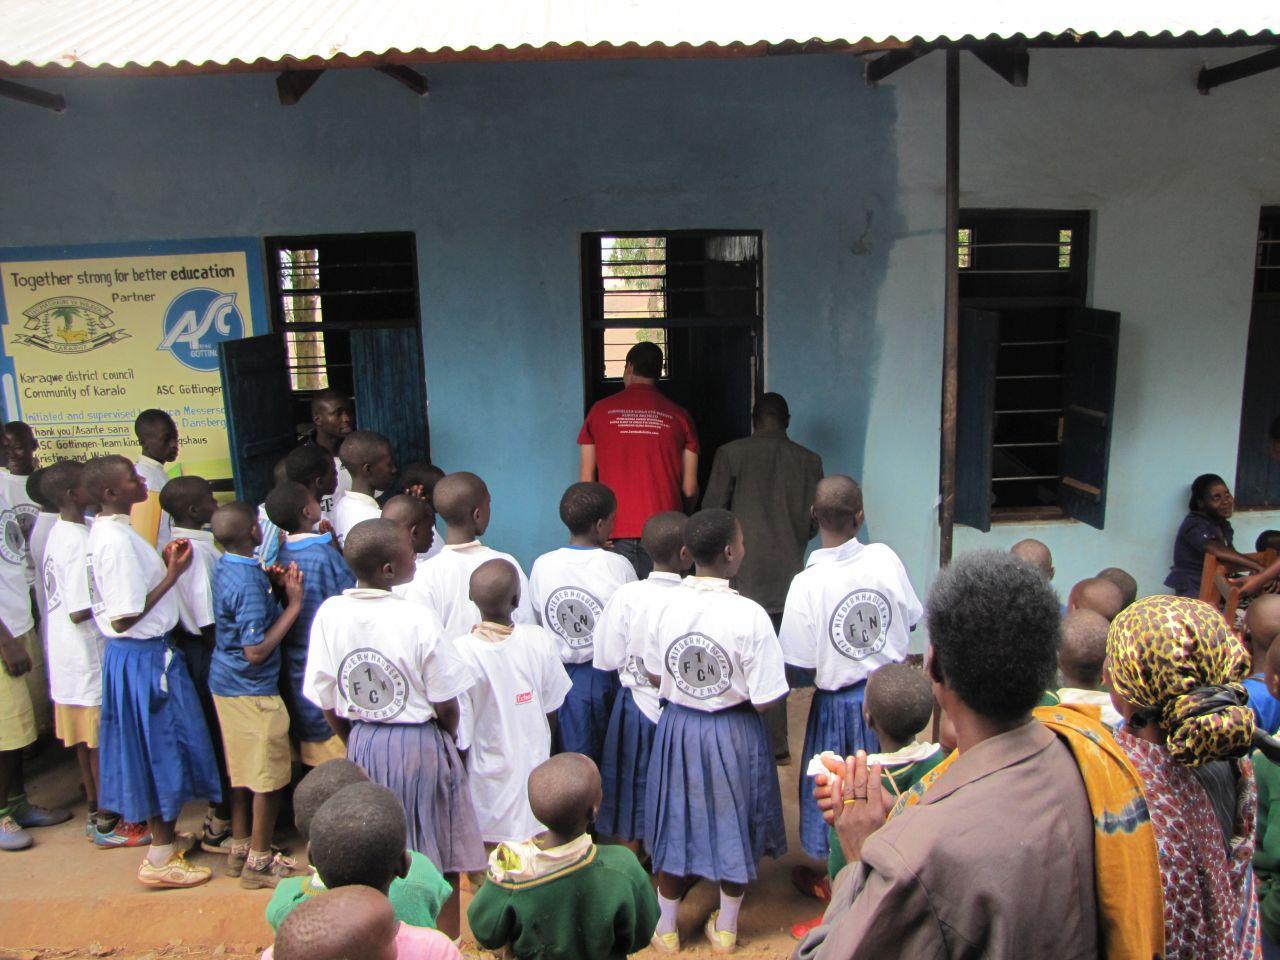 Vor dem Klassenraum